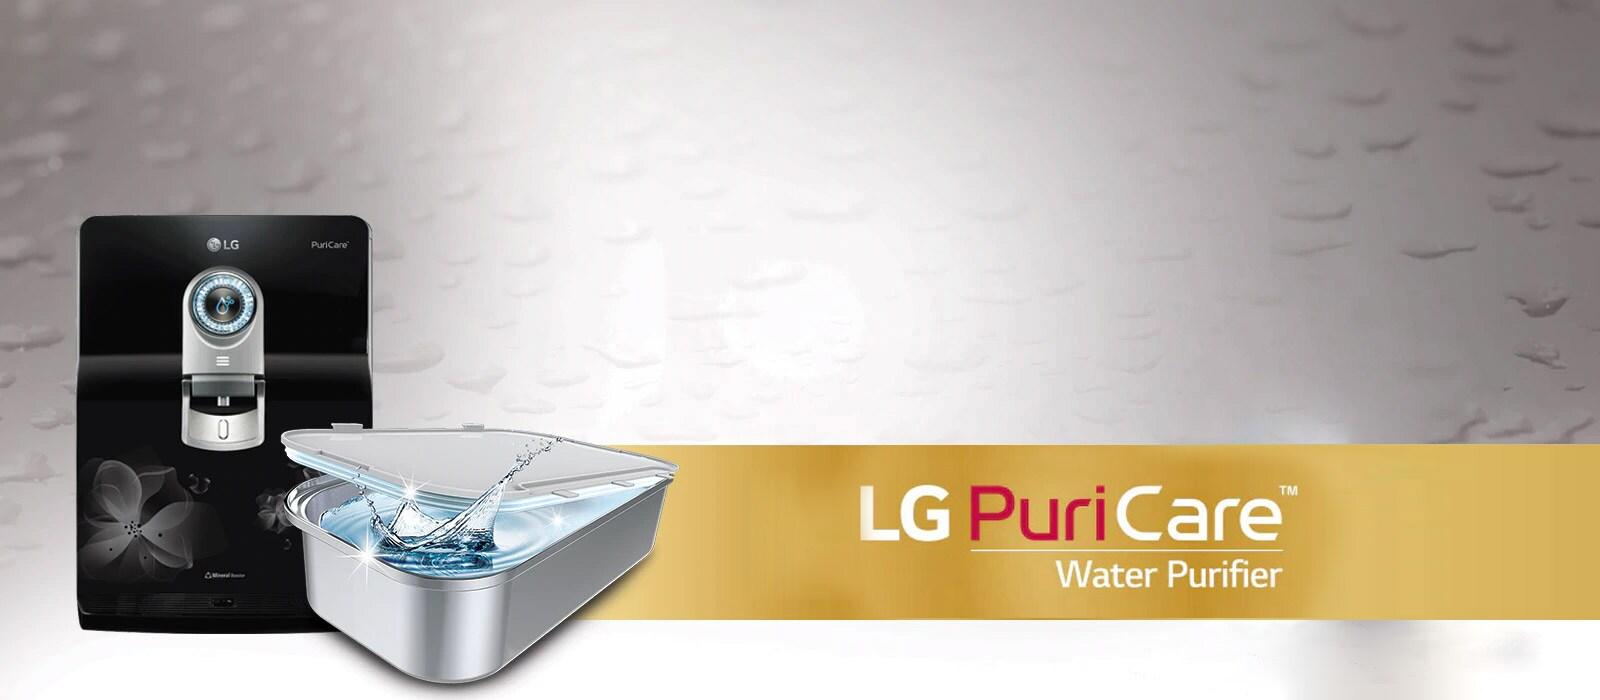 LG Water Purifier RO Purifier